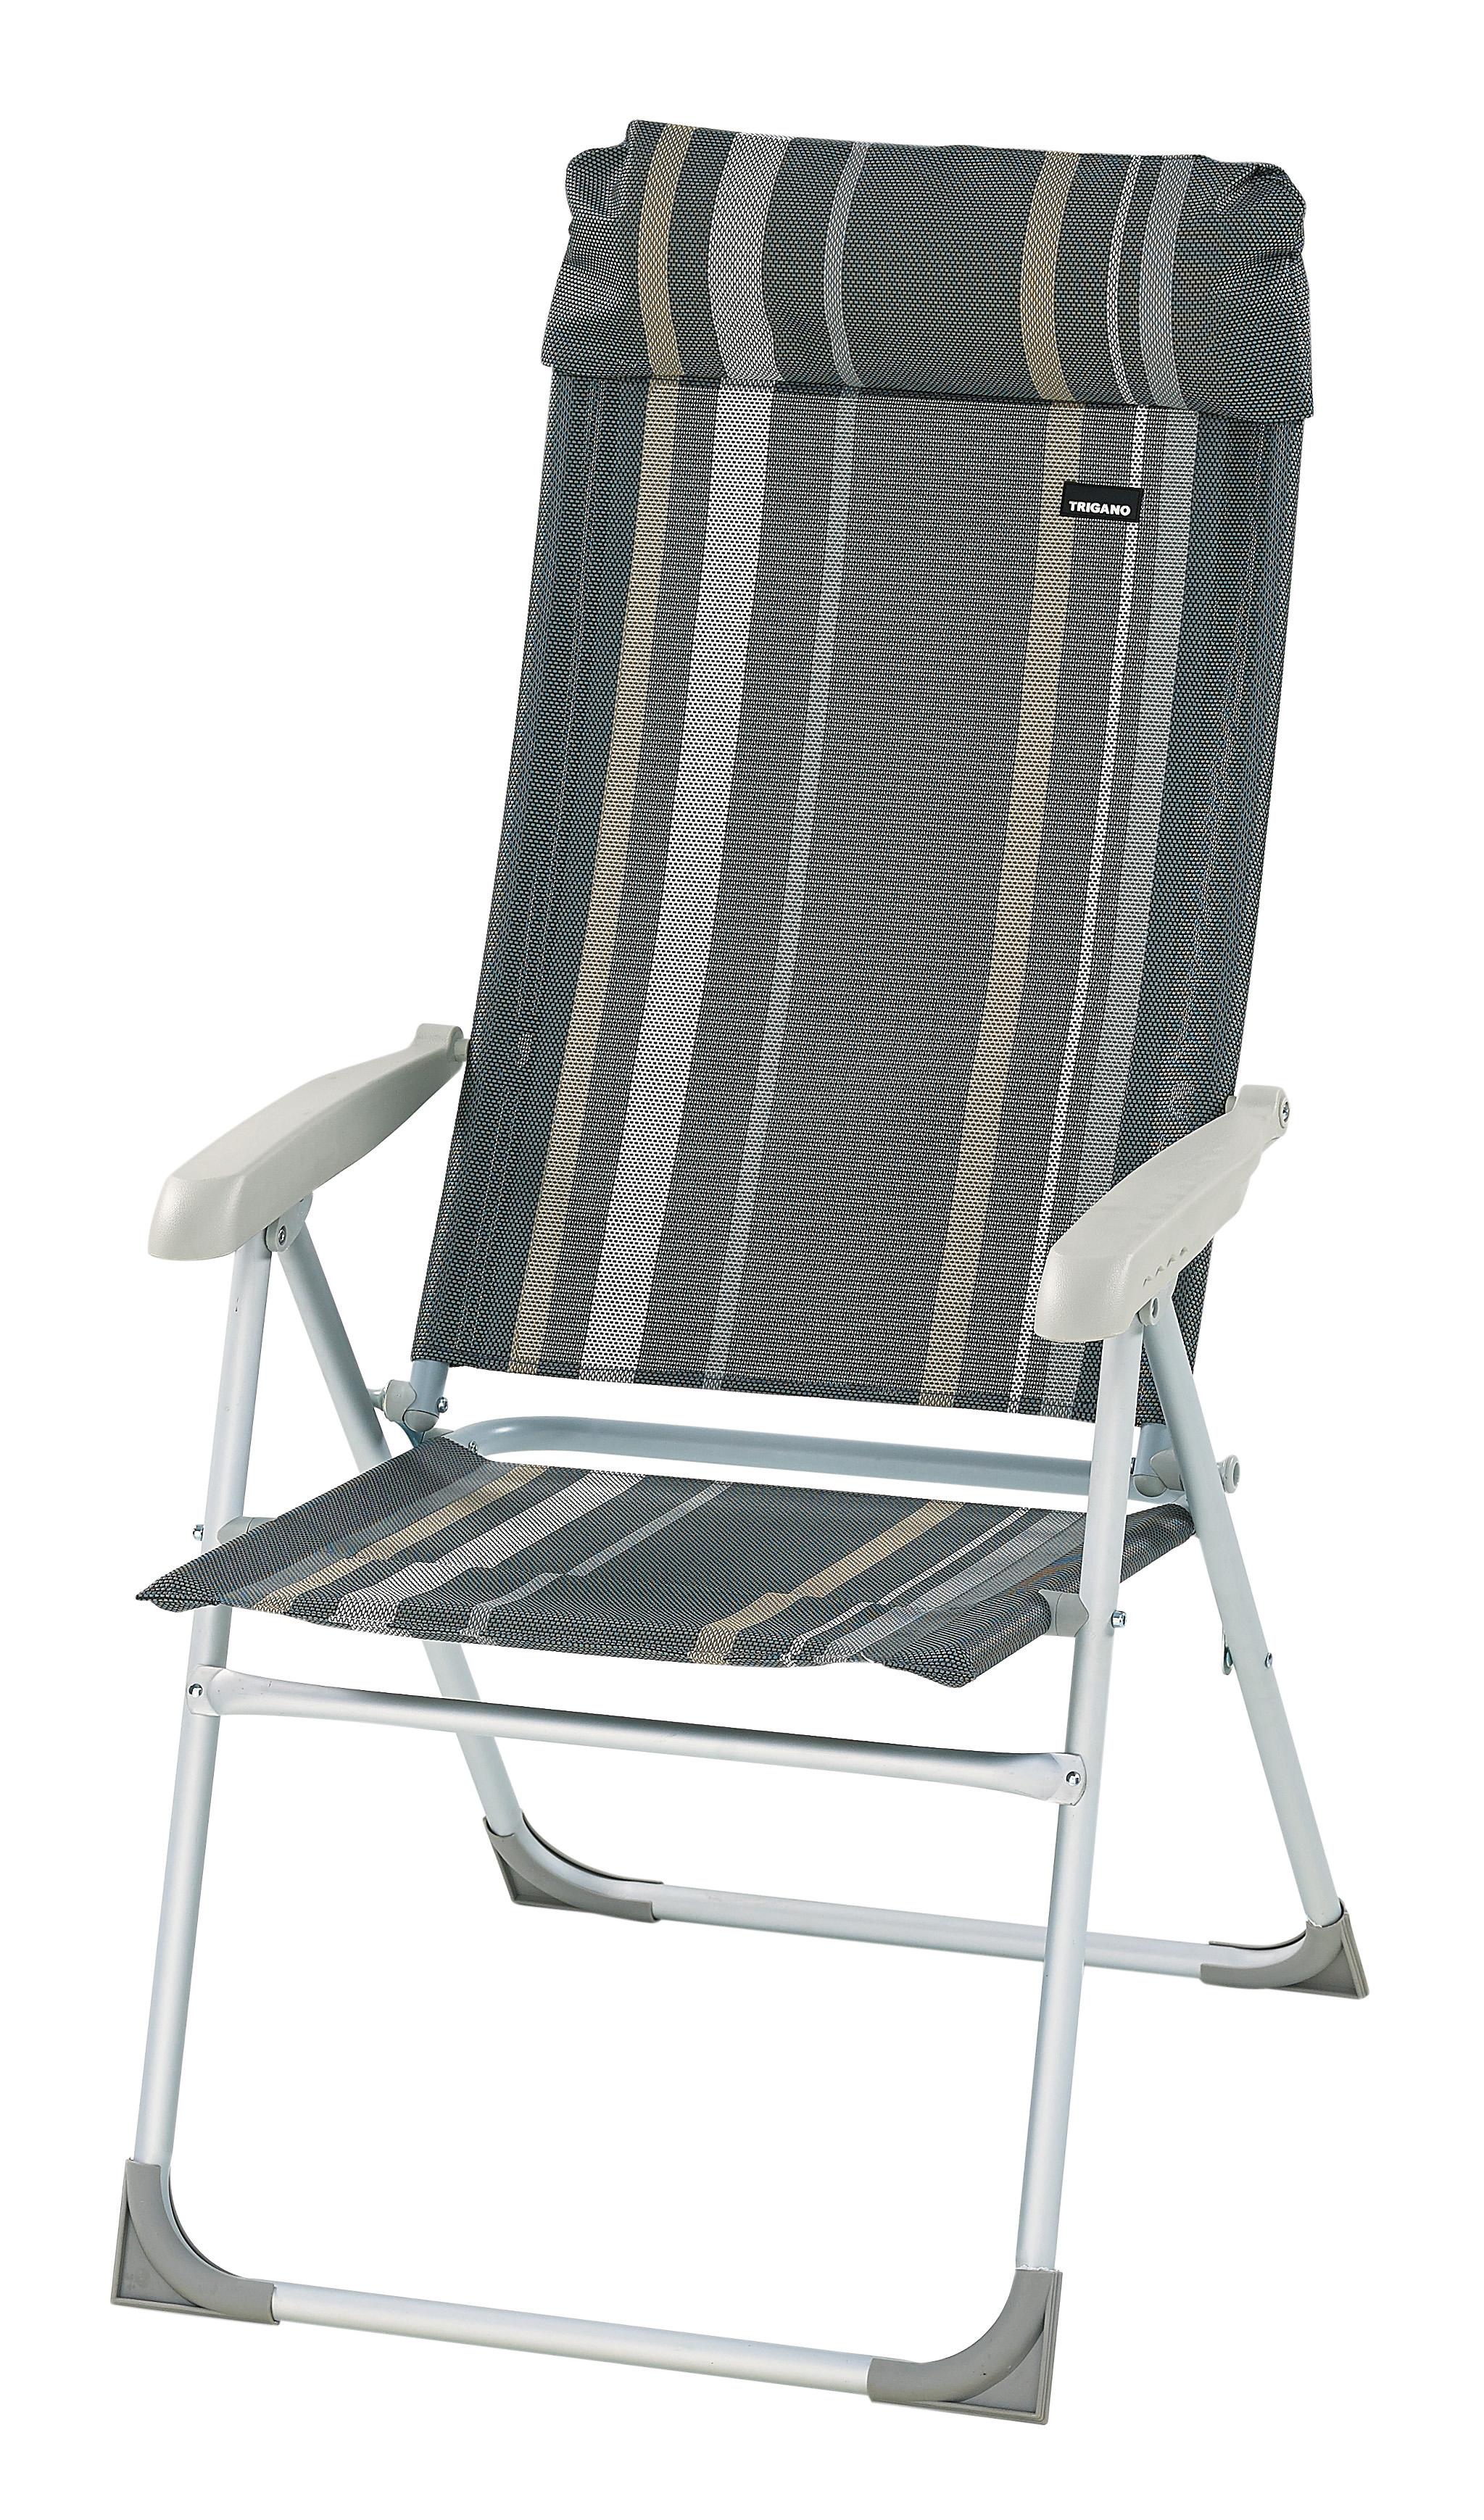 fauteuil acier tube rond m m042j176 boutique supermarket. Black Bedroom Furniture Sets. Home Design Ideas